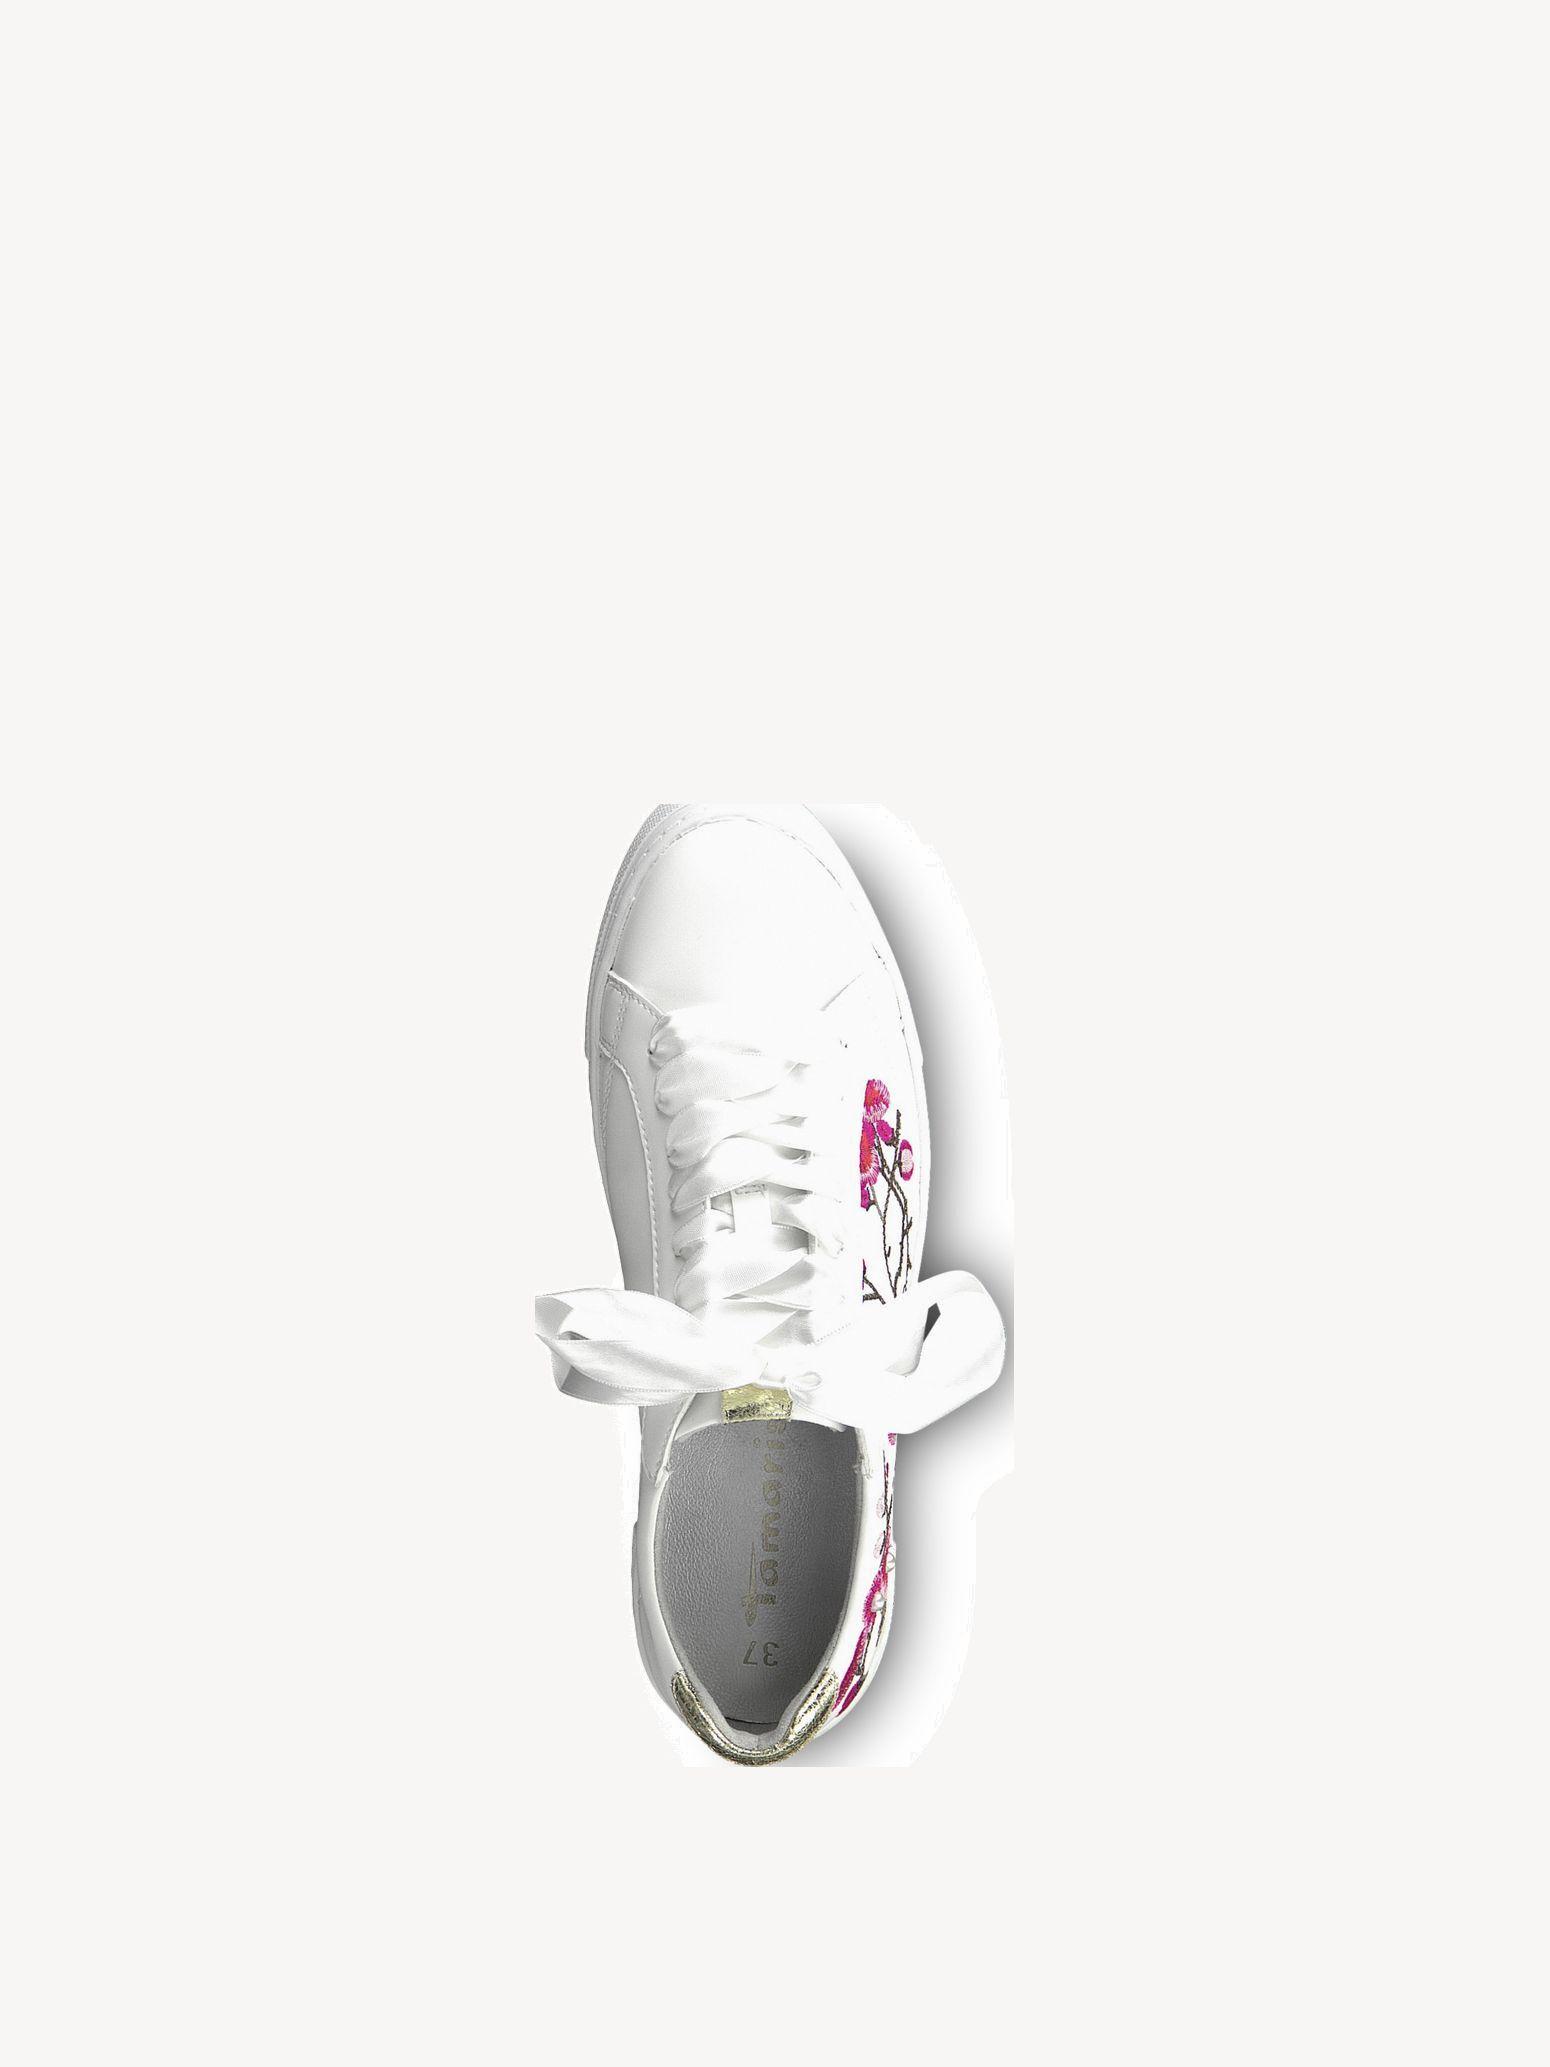 Halbschuh 1 1 23766 30: Tamaris Sneaker online kaufen!